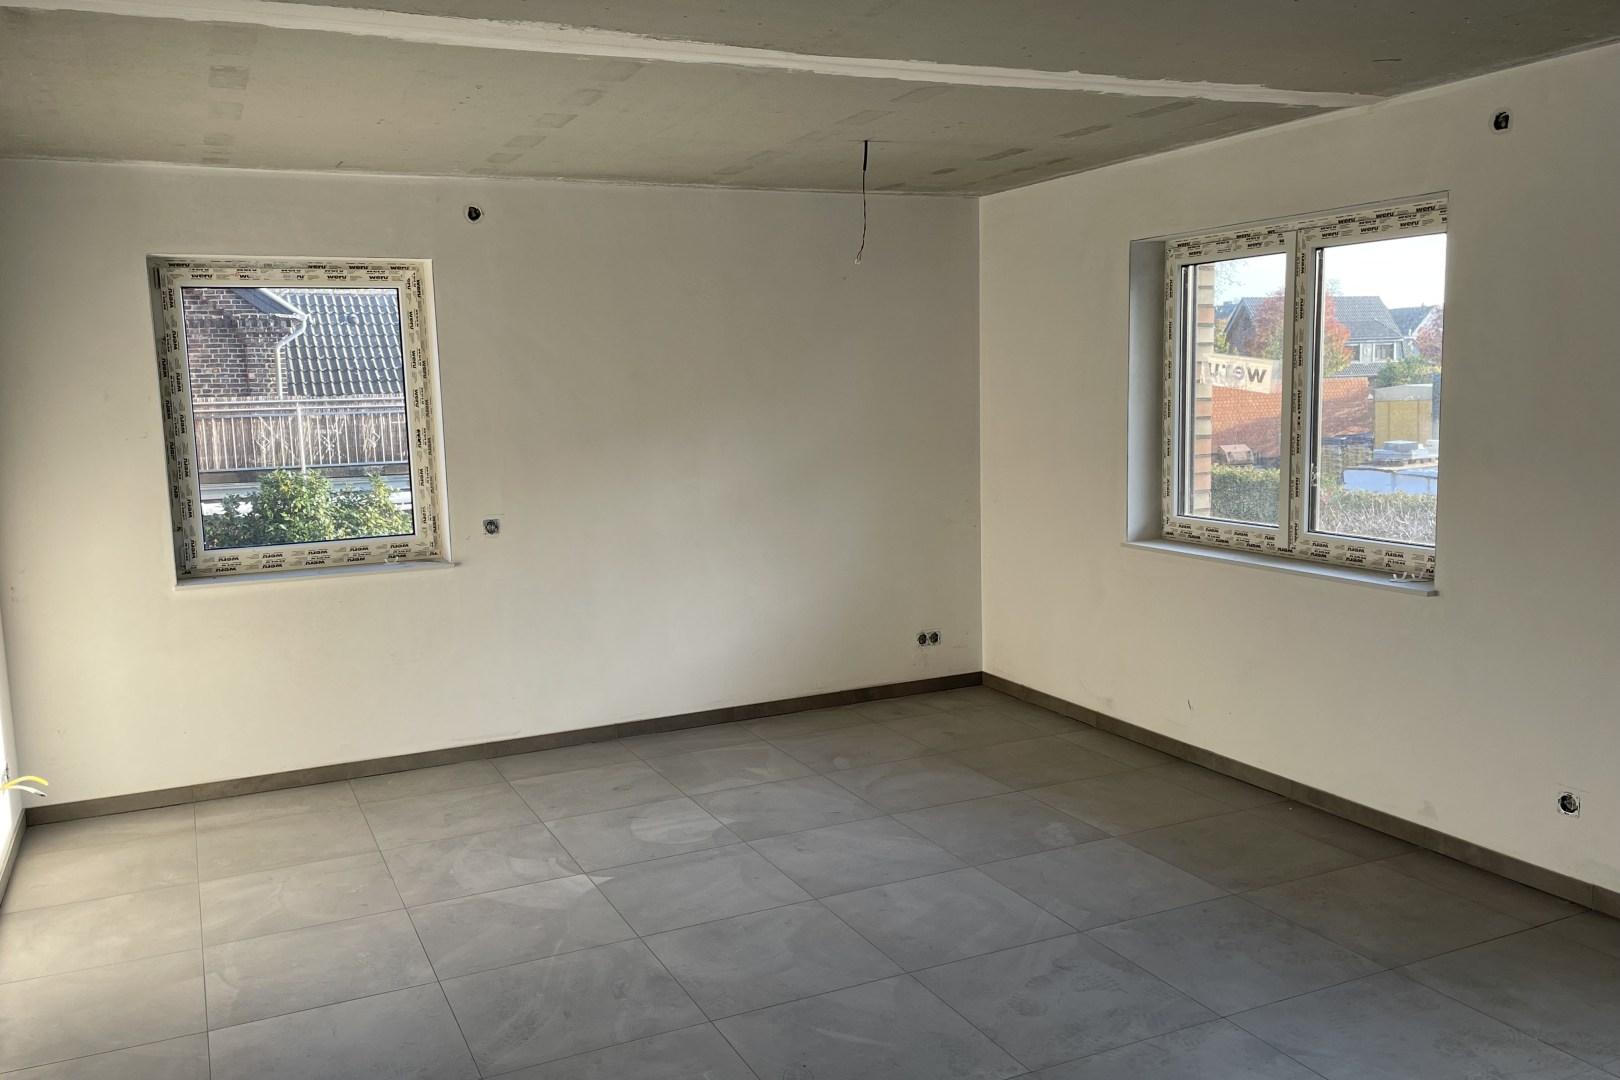 Immobilie Nr.0361a - Neubau: 3-Raum-Wohnung mit Balkon und 2 Außenstellplätzen - Bild 8.jpg